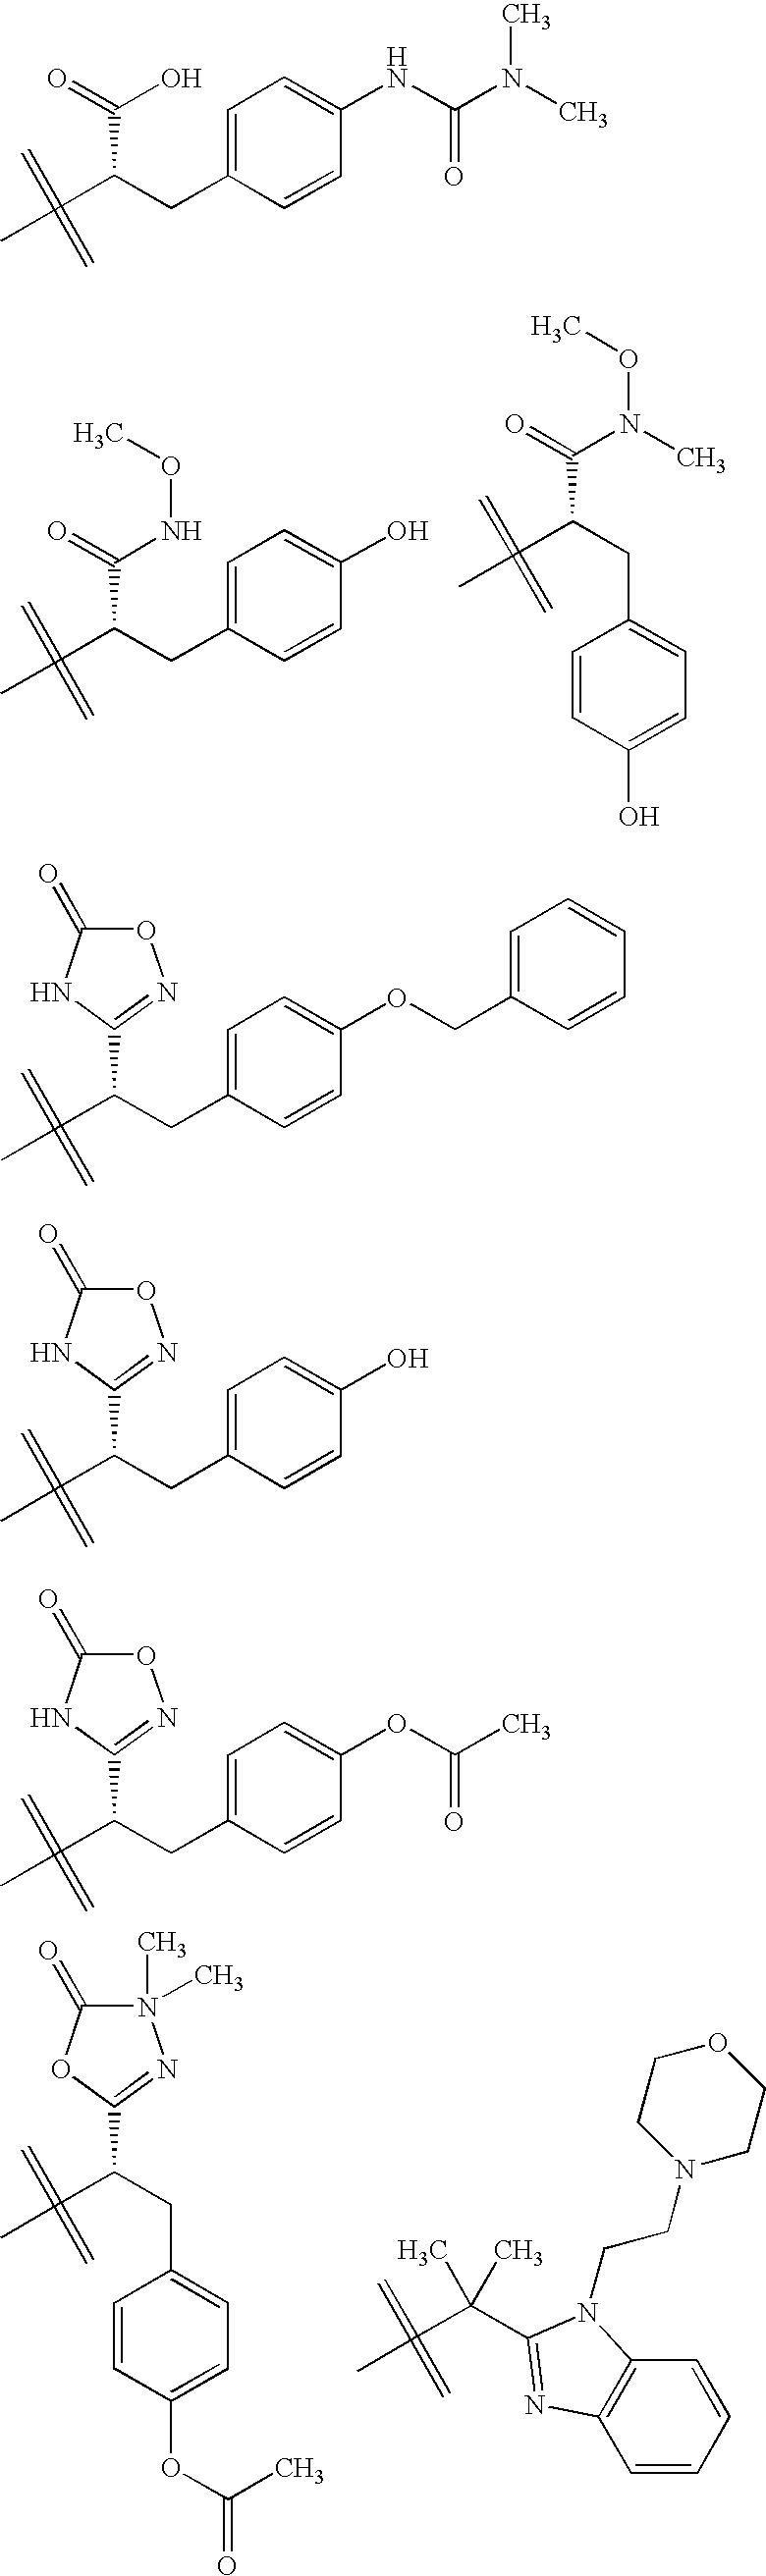 Figure US20070049593A1-20070301-C00195